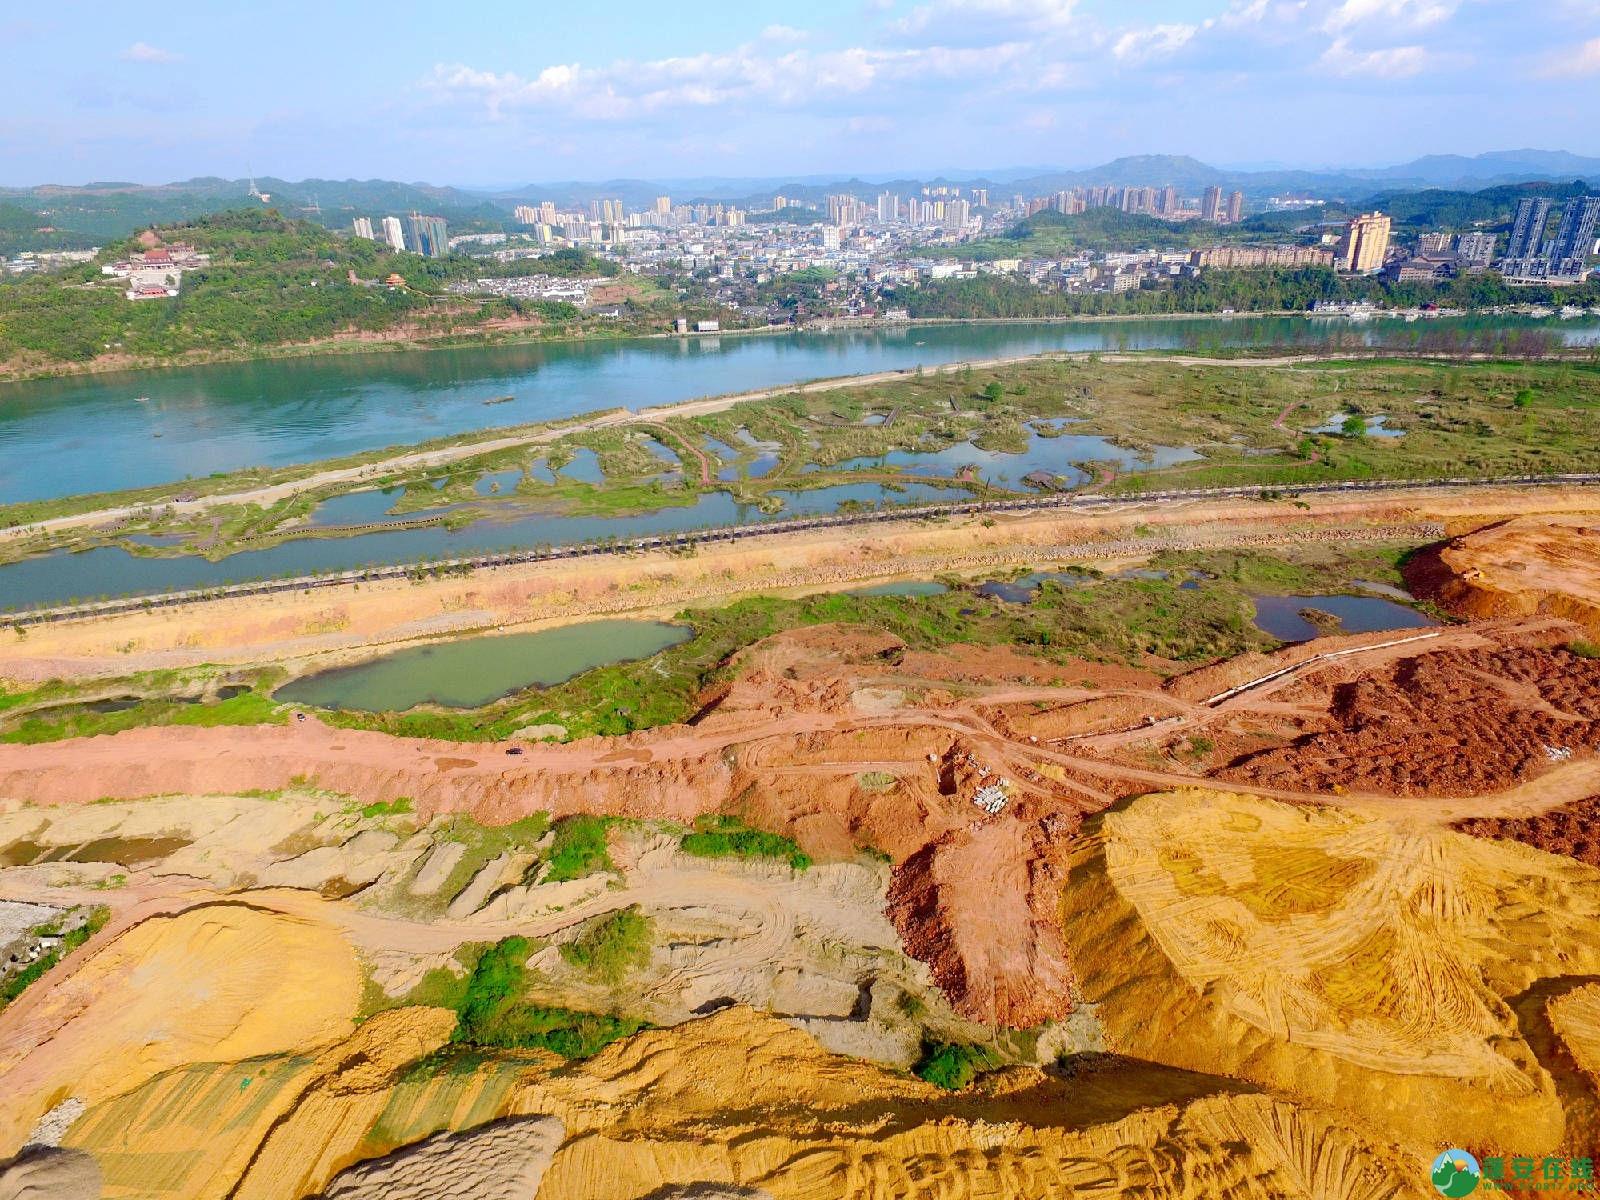 蓬安县锦屏镇湿地公园跑道、纵一道路、干一道工程进度(2018年4月6日) - 第9张  | 蓬安在线